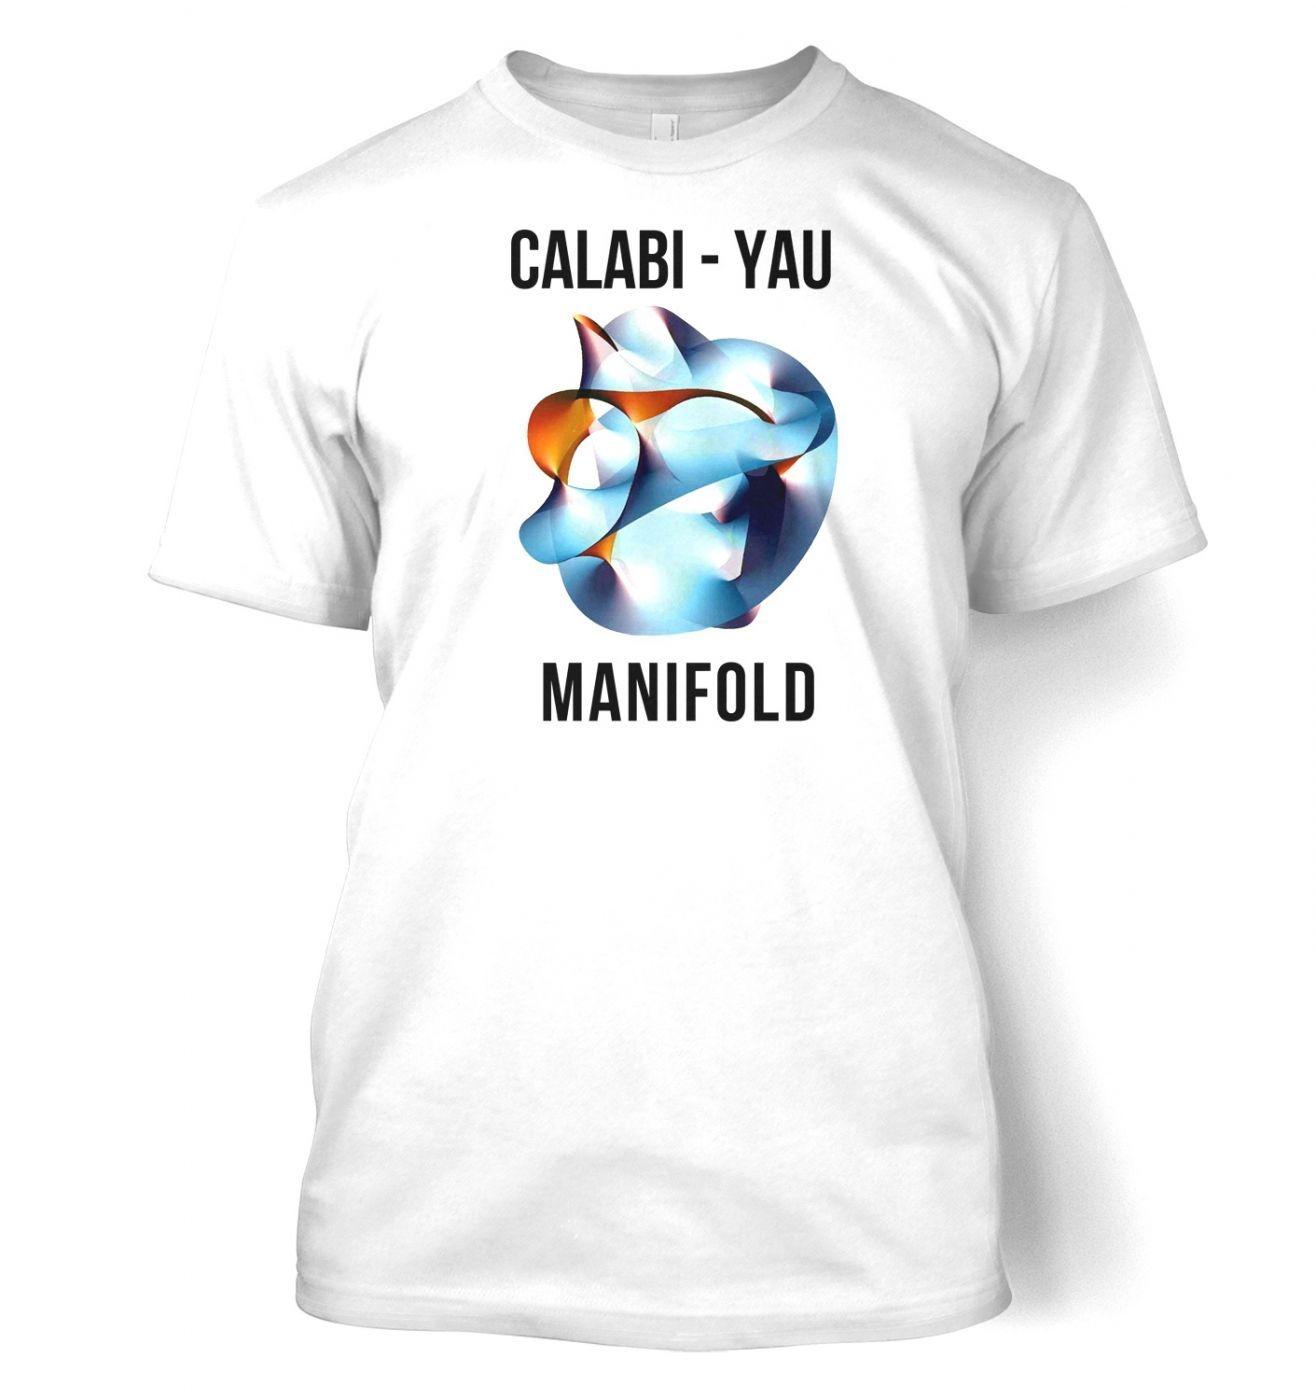 Calabi-Yau Manifold (jumbo) men's t-shirt